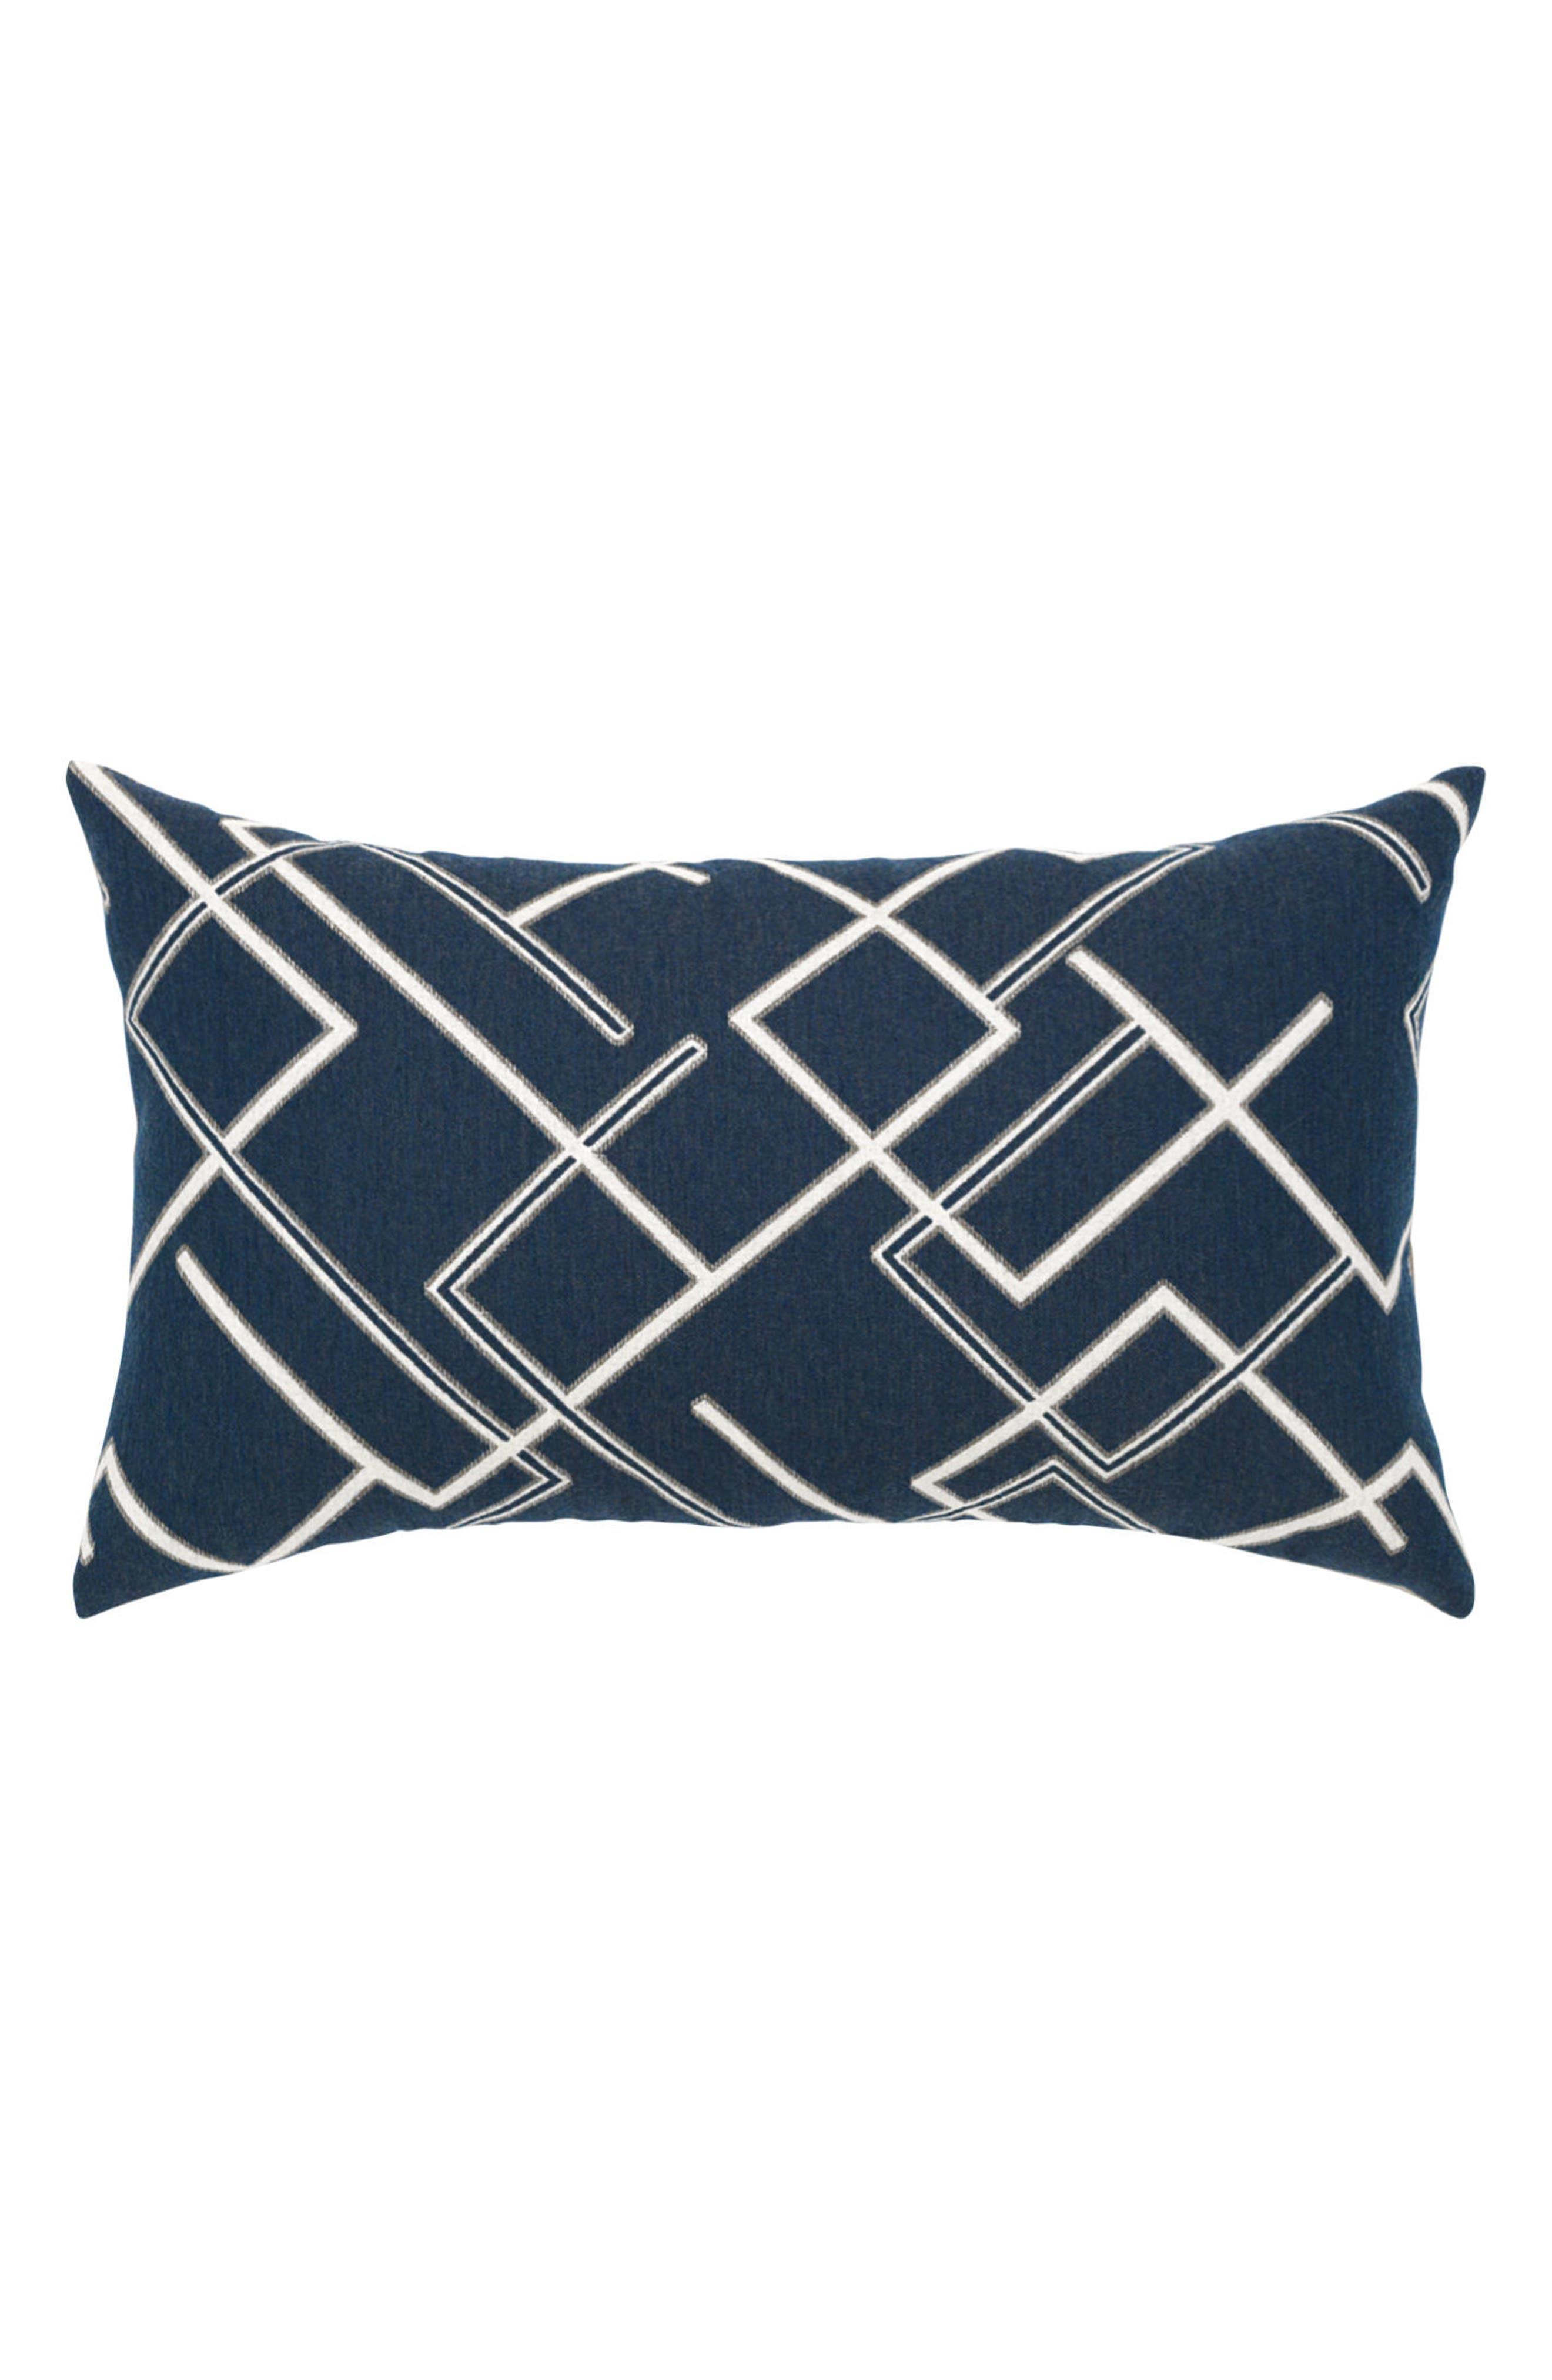 Divergence Indigo Lumbar Pillow,                         Main,                         color, 400